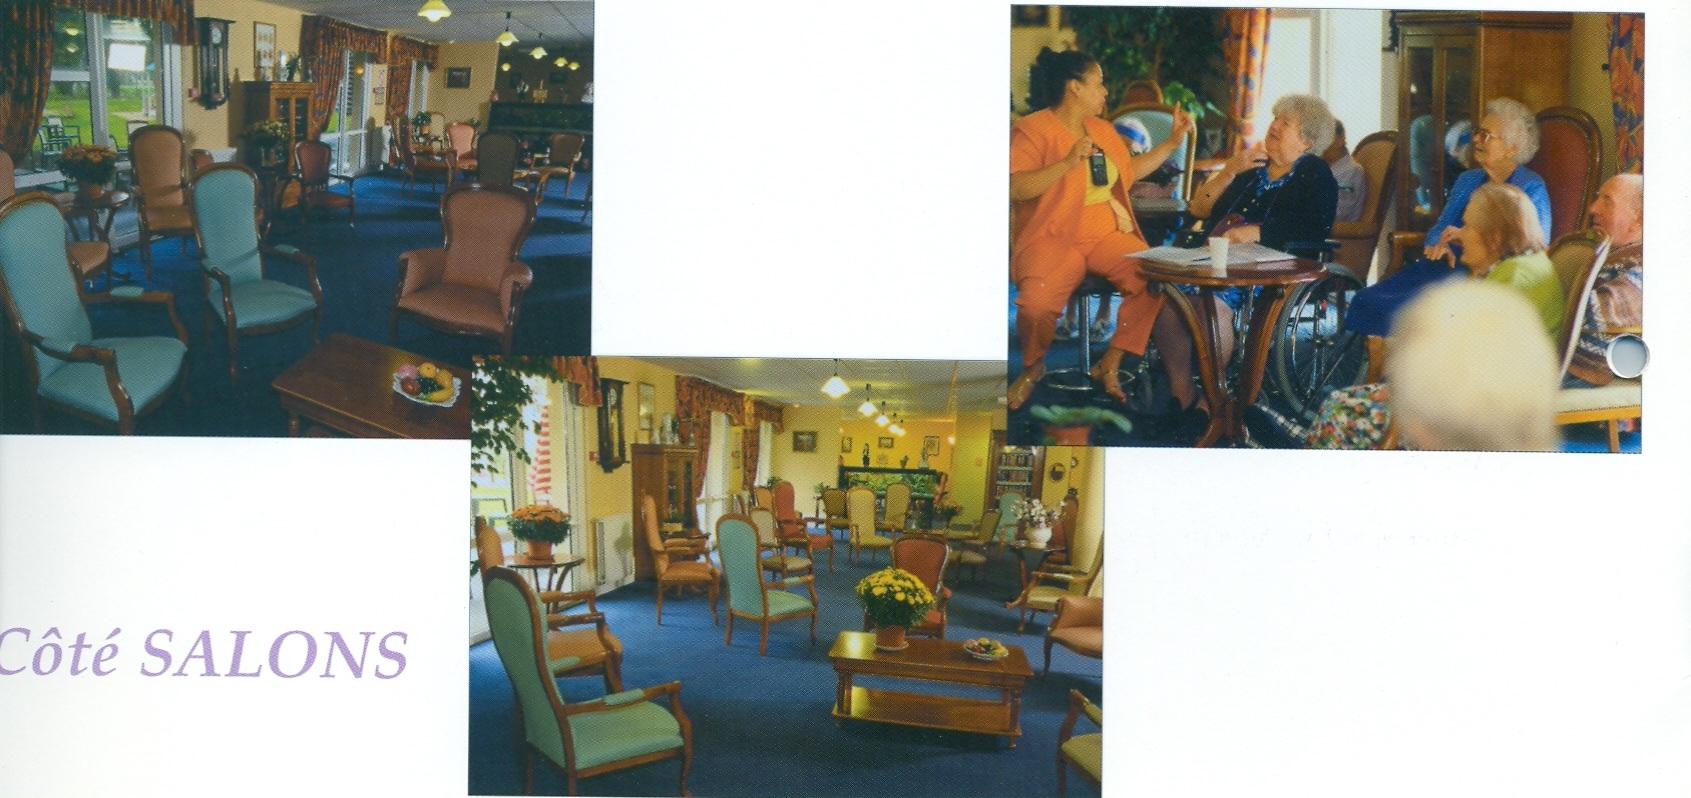 Maison de retraite korian marisol sevran 93 for Aide pour maison de retraite